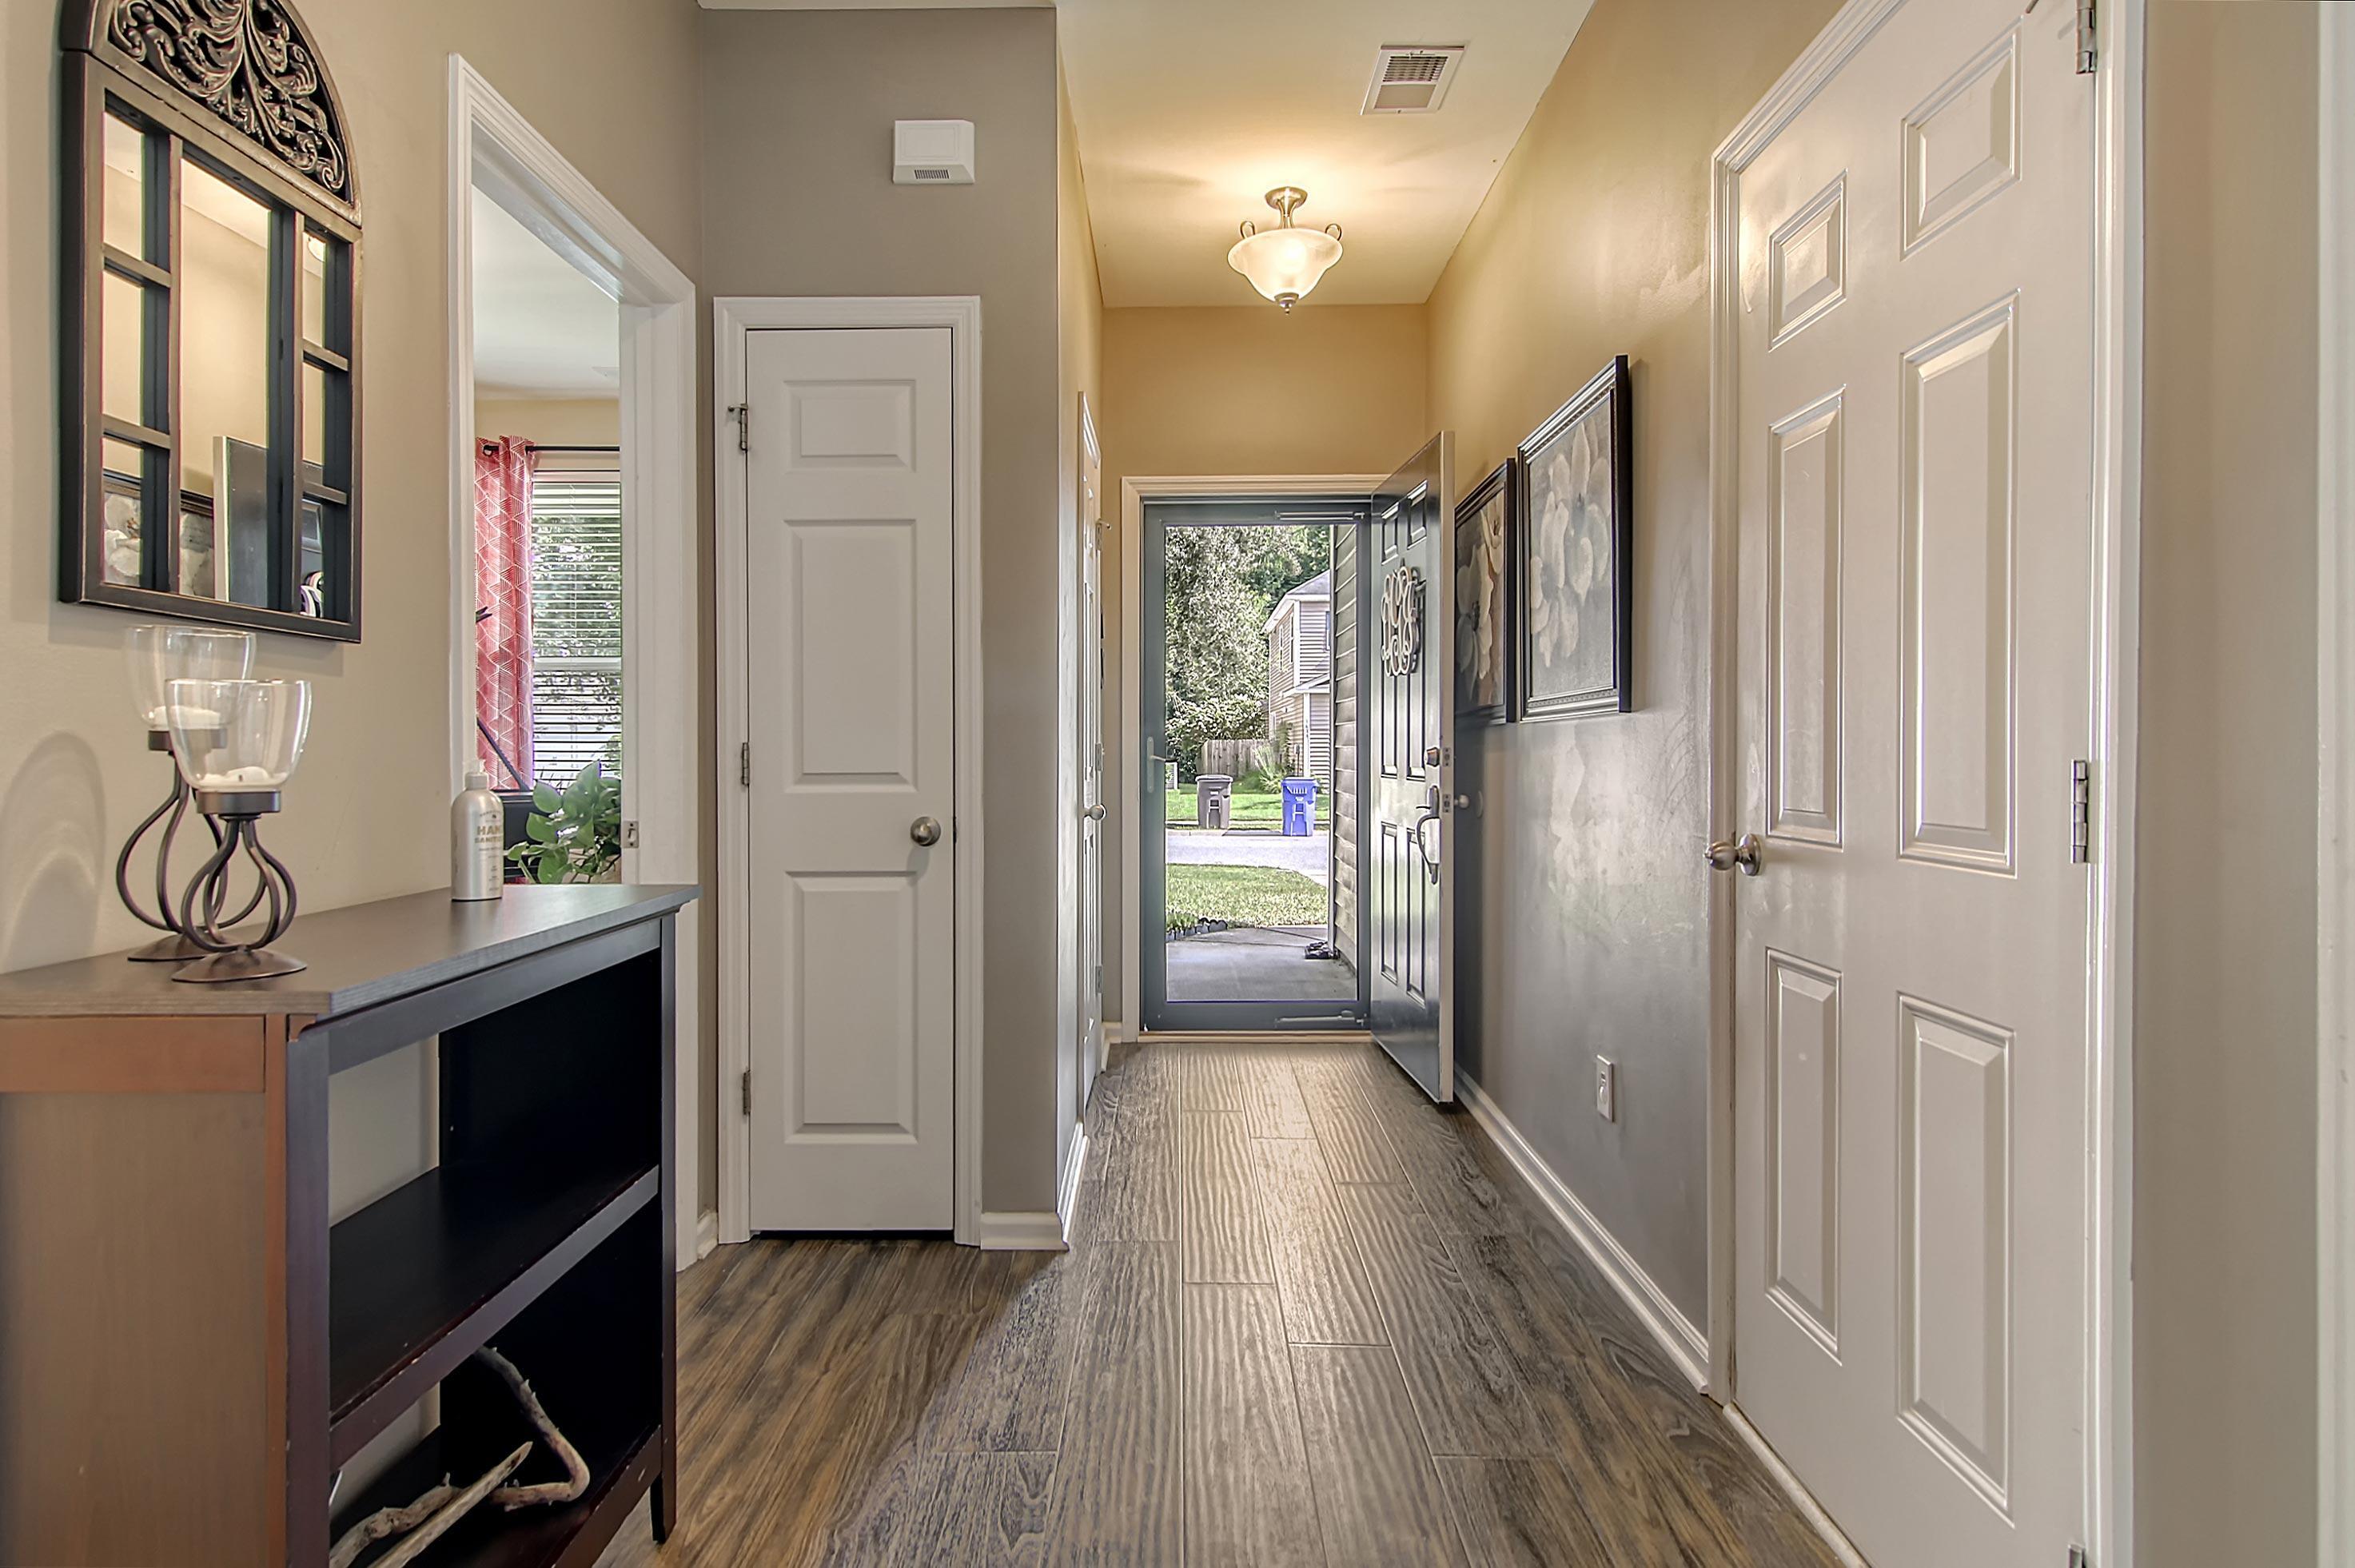 Lieben Park Homes For Sale - 3598 Franklin Tower, Mount Pleasant, SC - 38